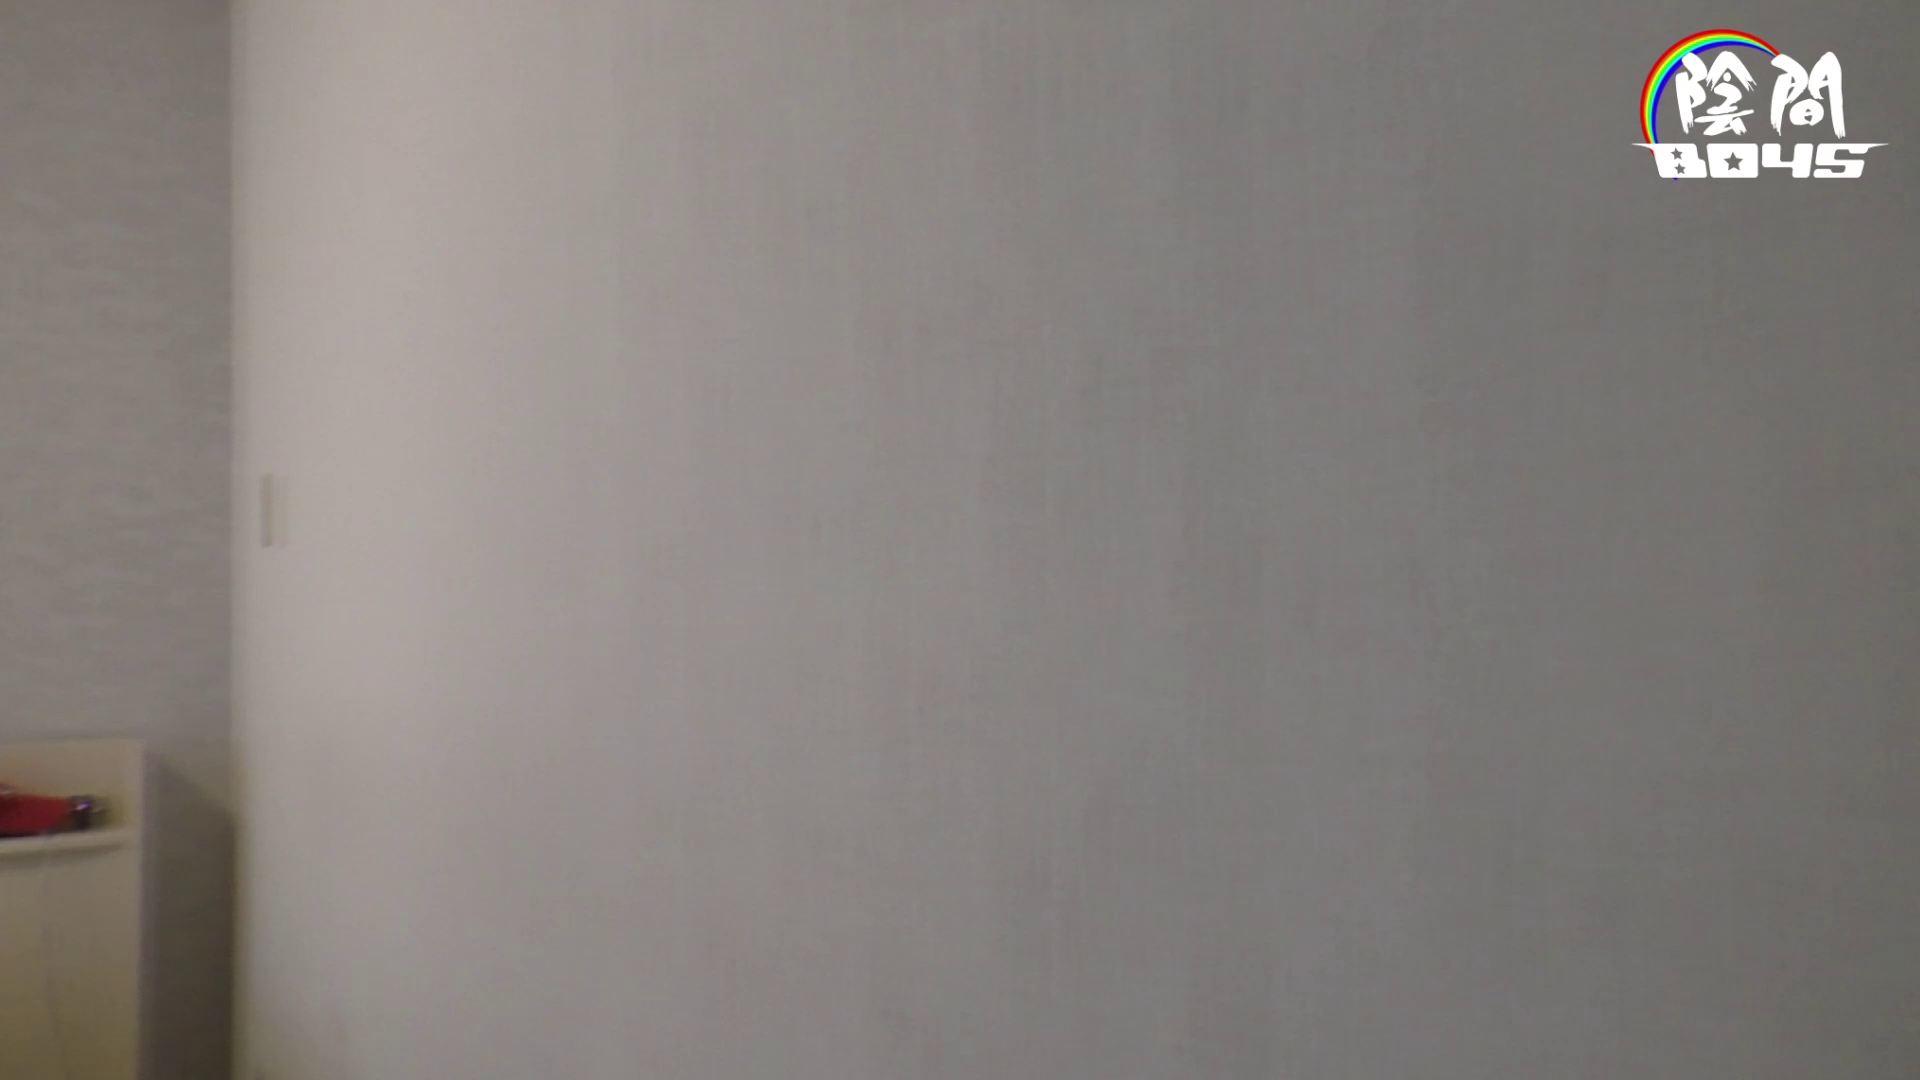 「君のアナルは」part1 ~ノンケの掟破り~Vol.03 犯され ゲイ無修正ビデオ画像 112pic 109